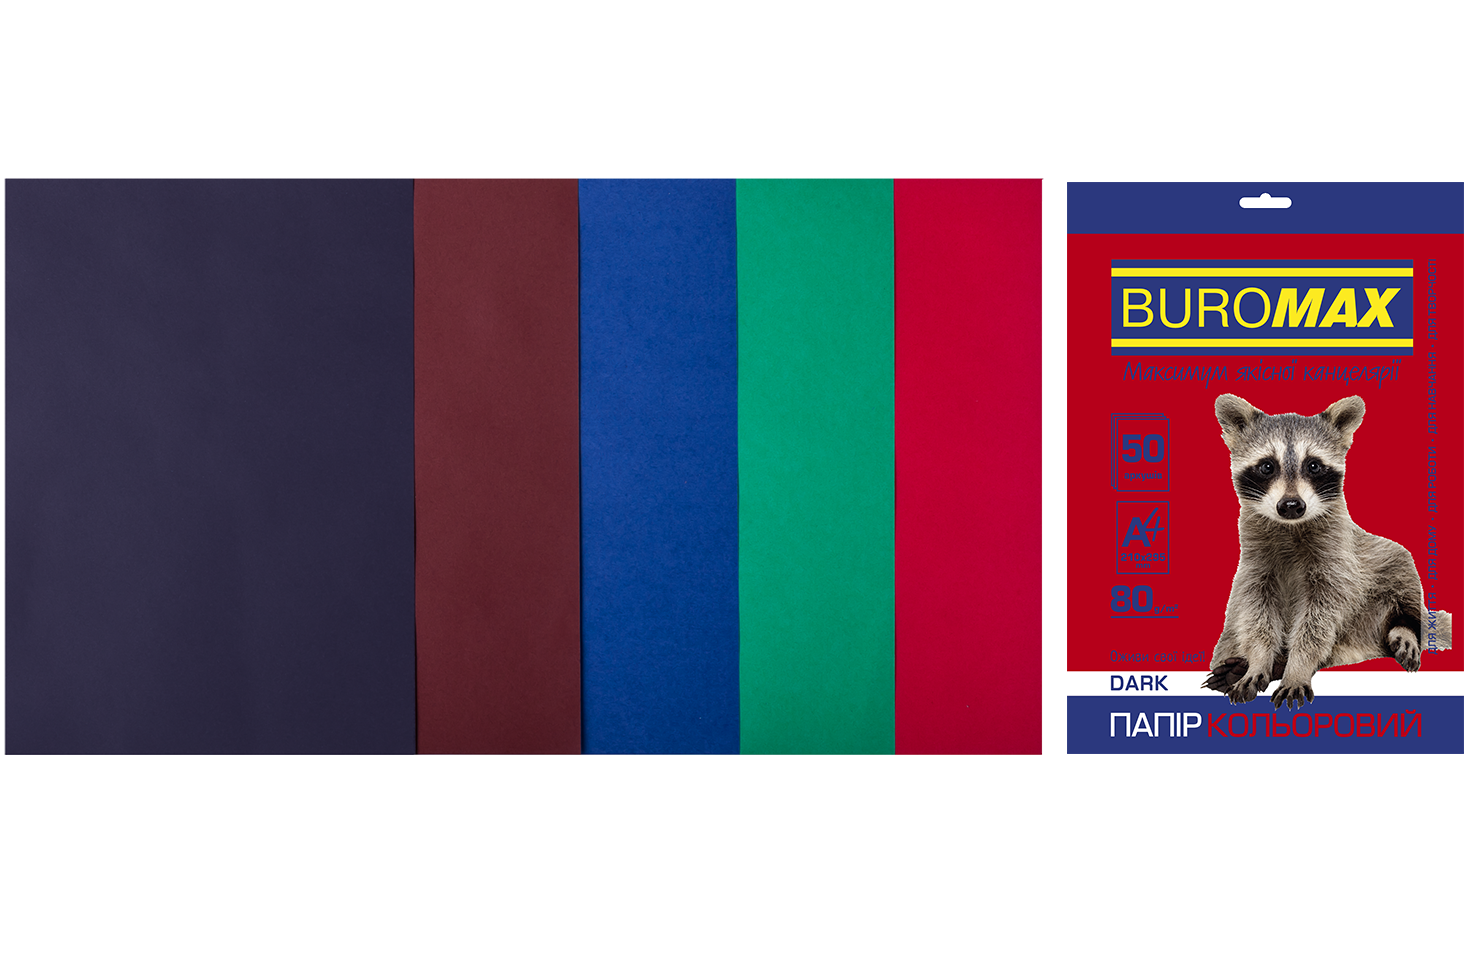 Набор цветной бумаги Buromax DARK А4, 80 г/м2, 50 листов, ассорти